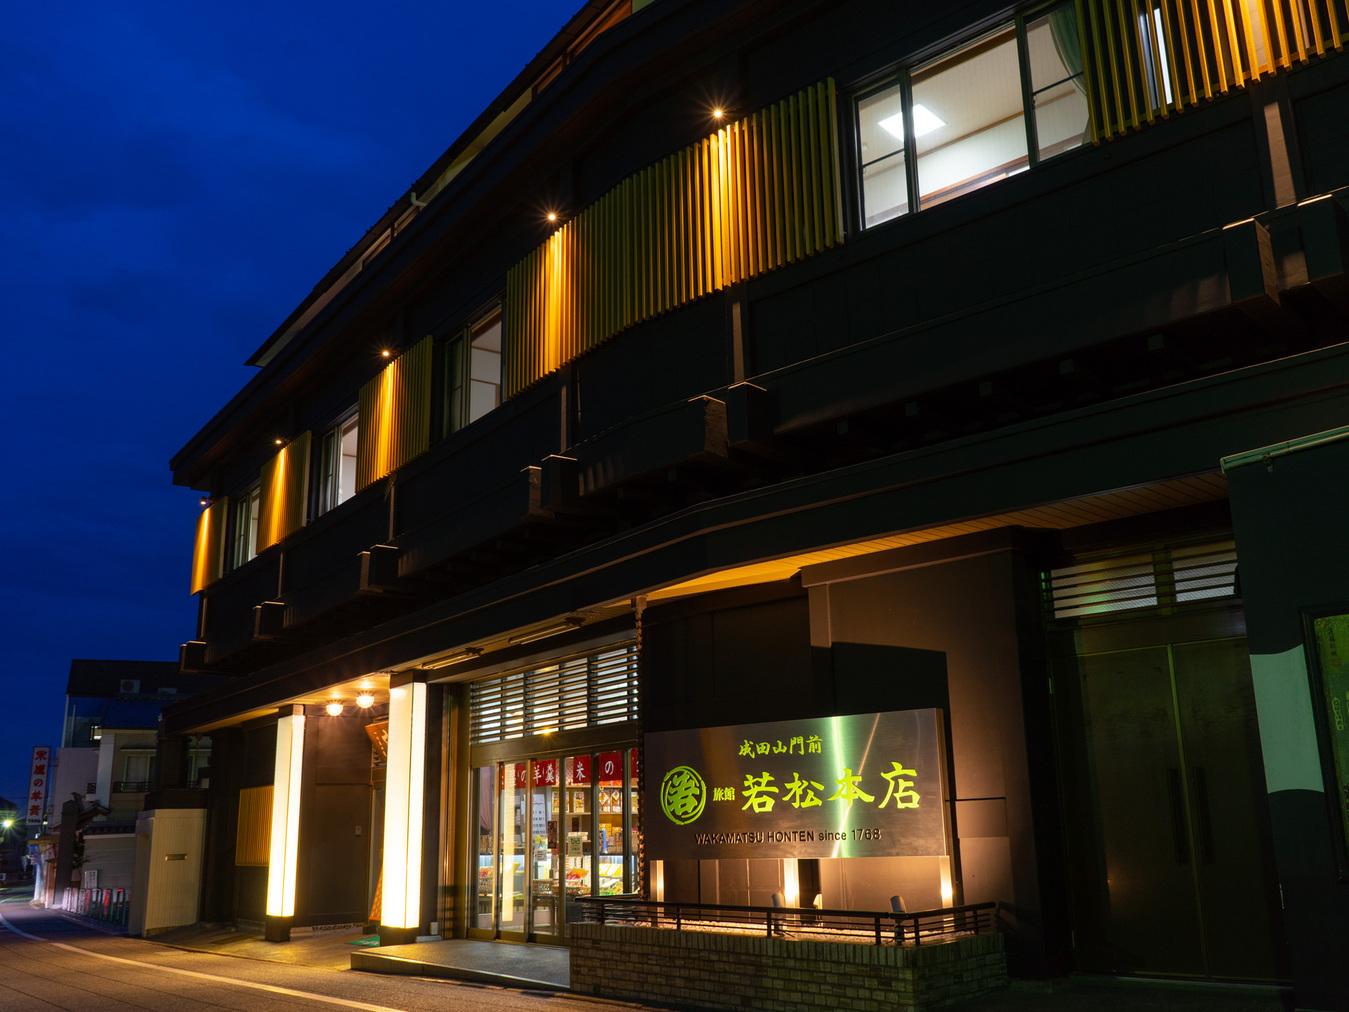 富里でスイカマラソン(スイカロードレース)参加者におすすめホテル